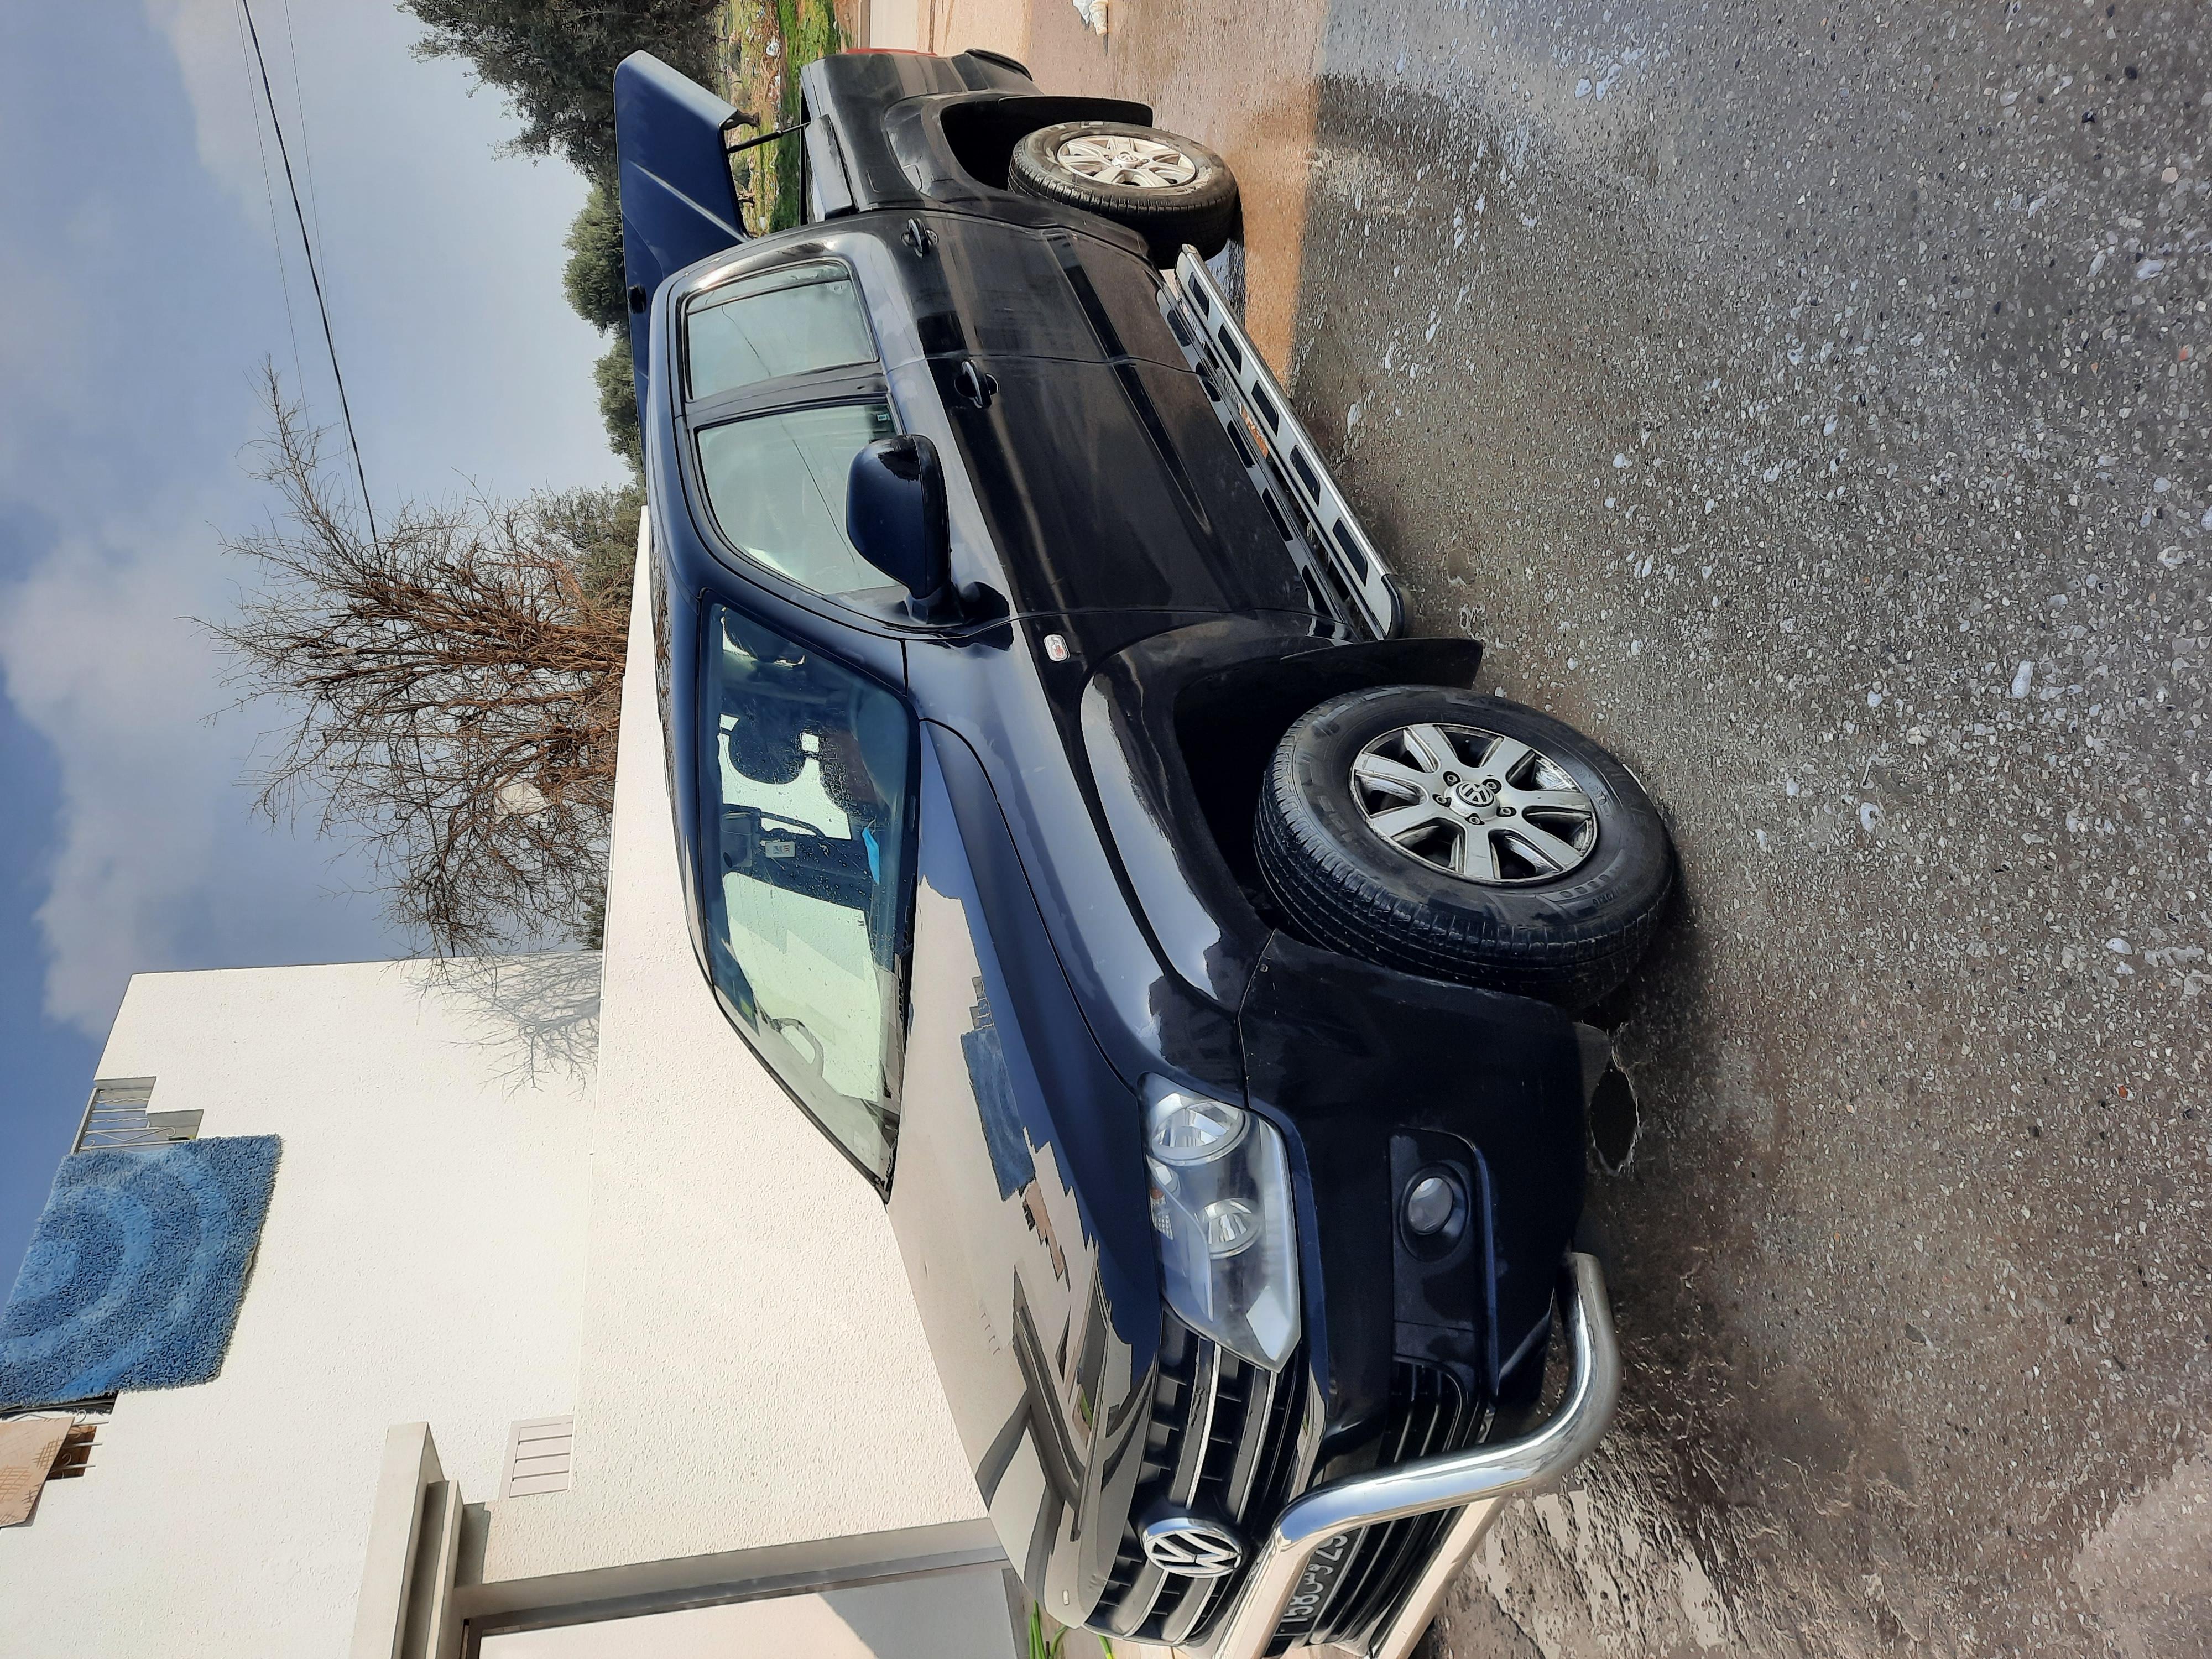 vente voiture occasion utilitaire tunisie volkswagen amarok